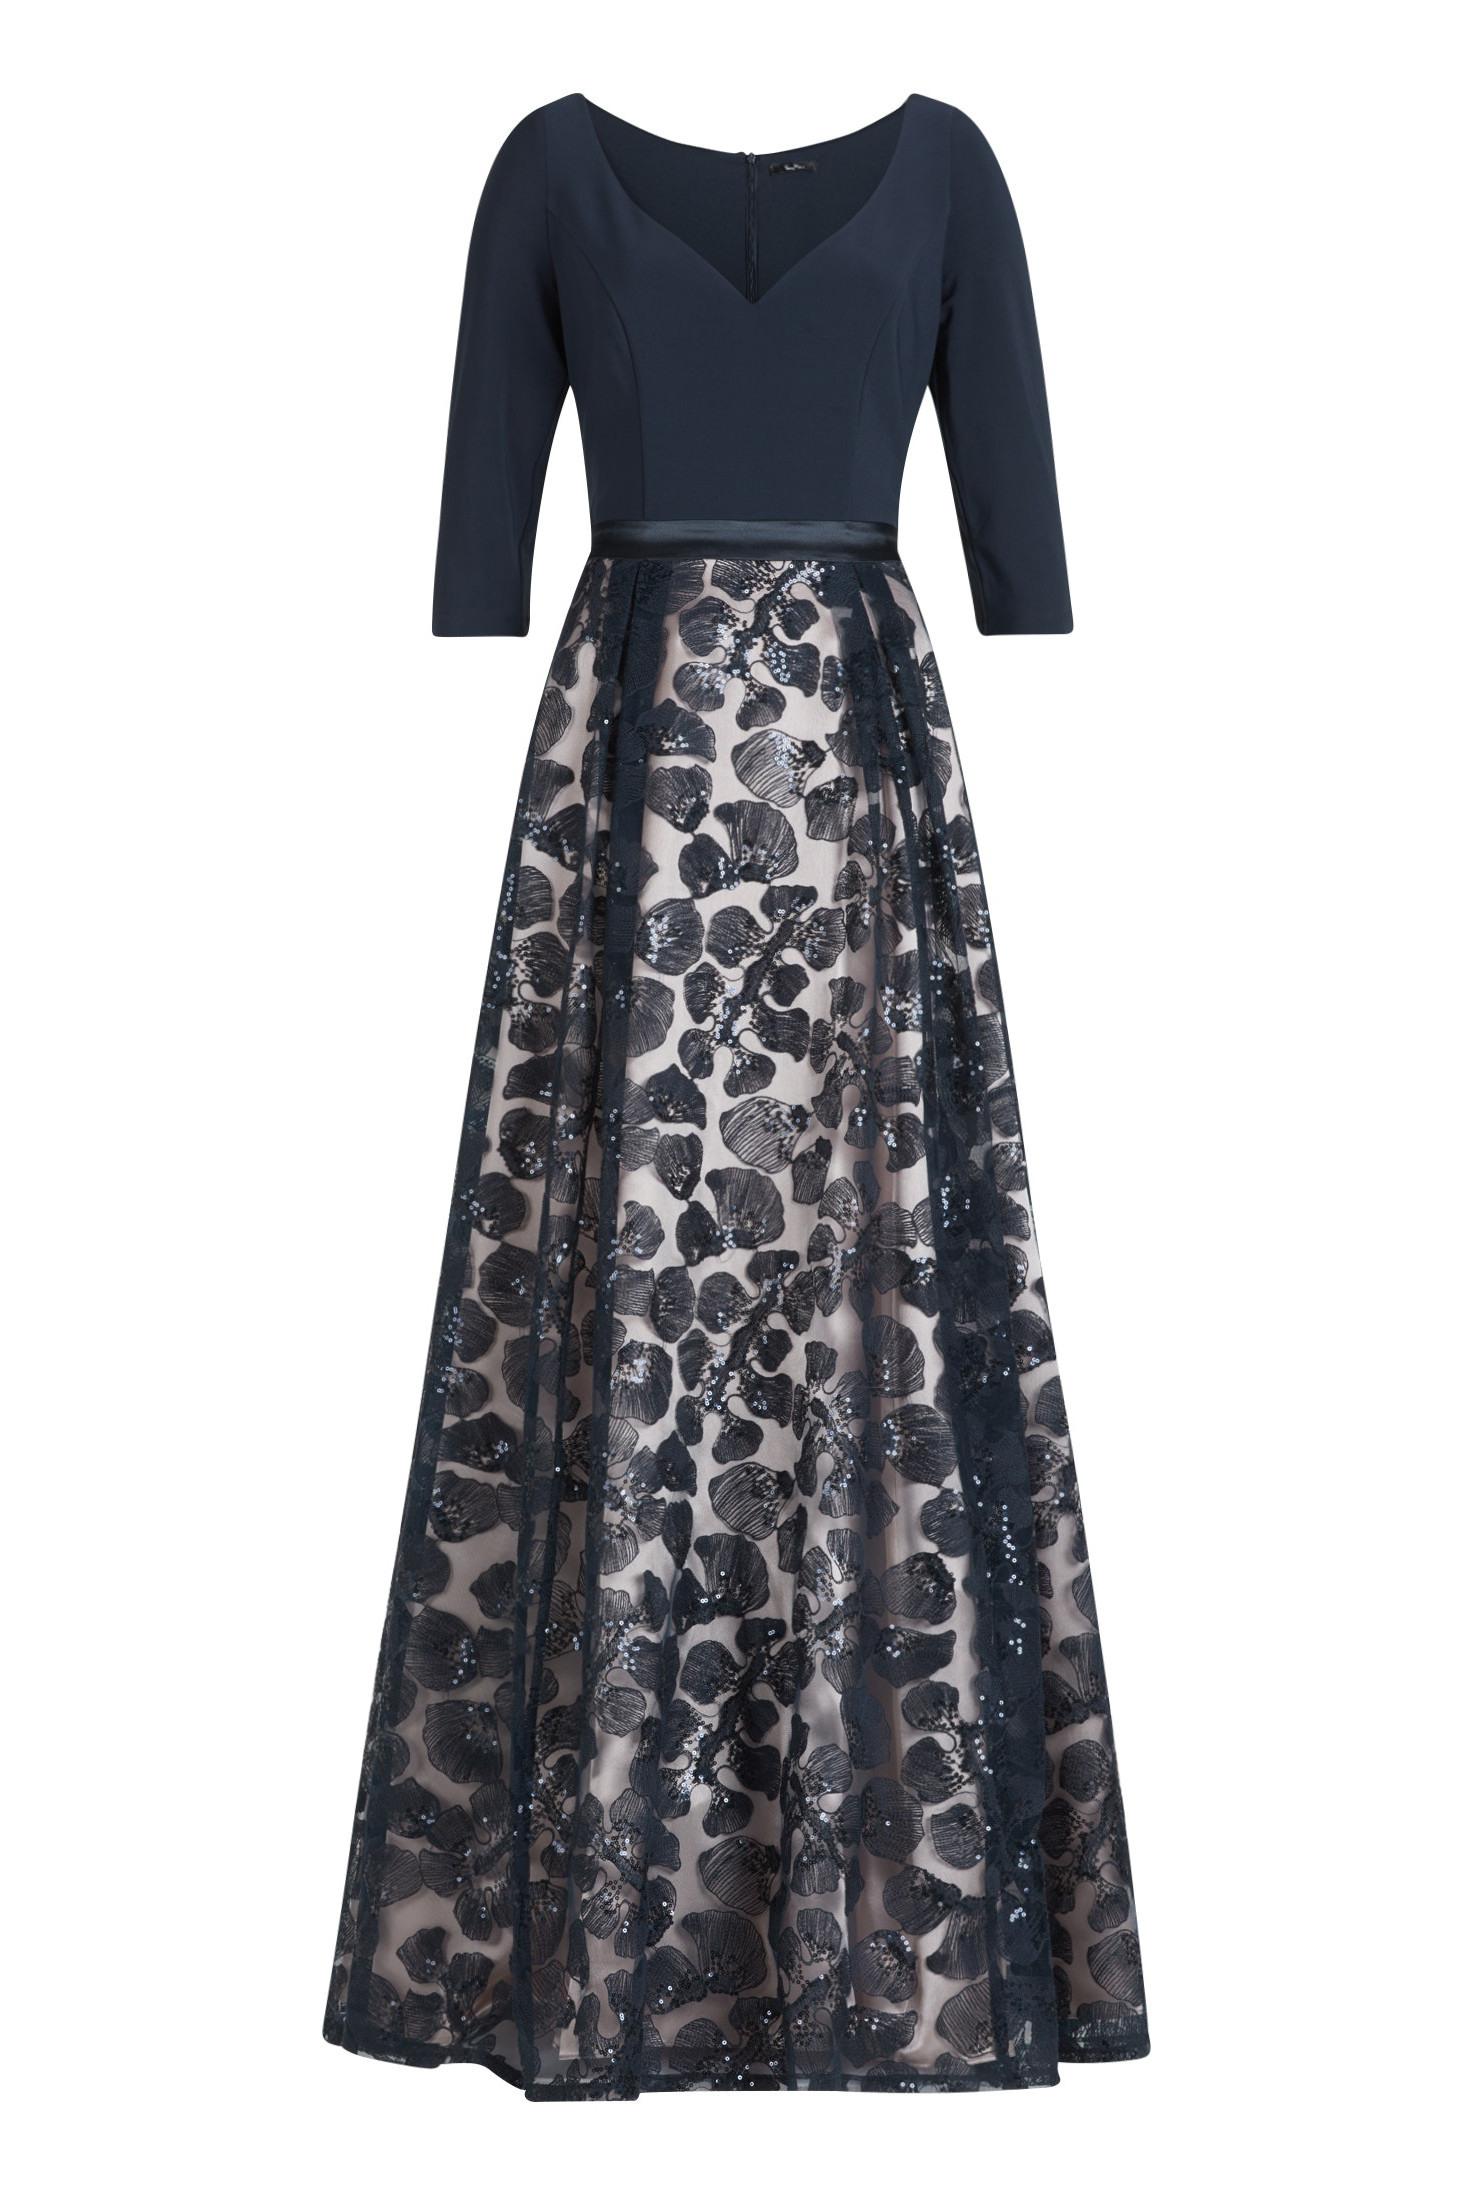 17 Fantastisch Abendkleid Mit Ärmeln für 201915 Top Abendkleid Mit Ärmeln Vertrieb